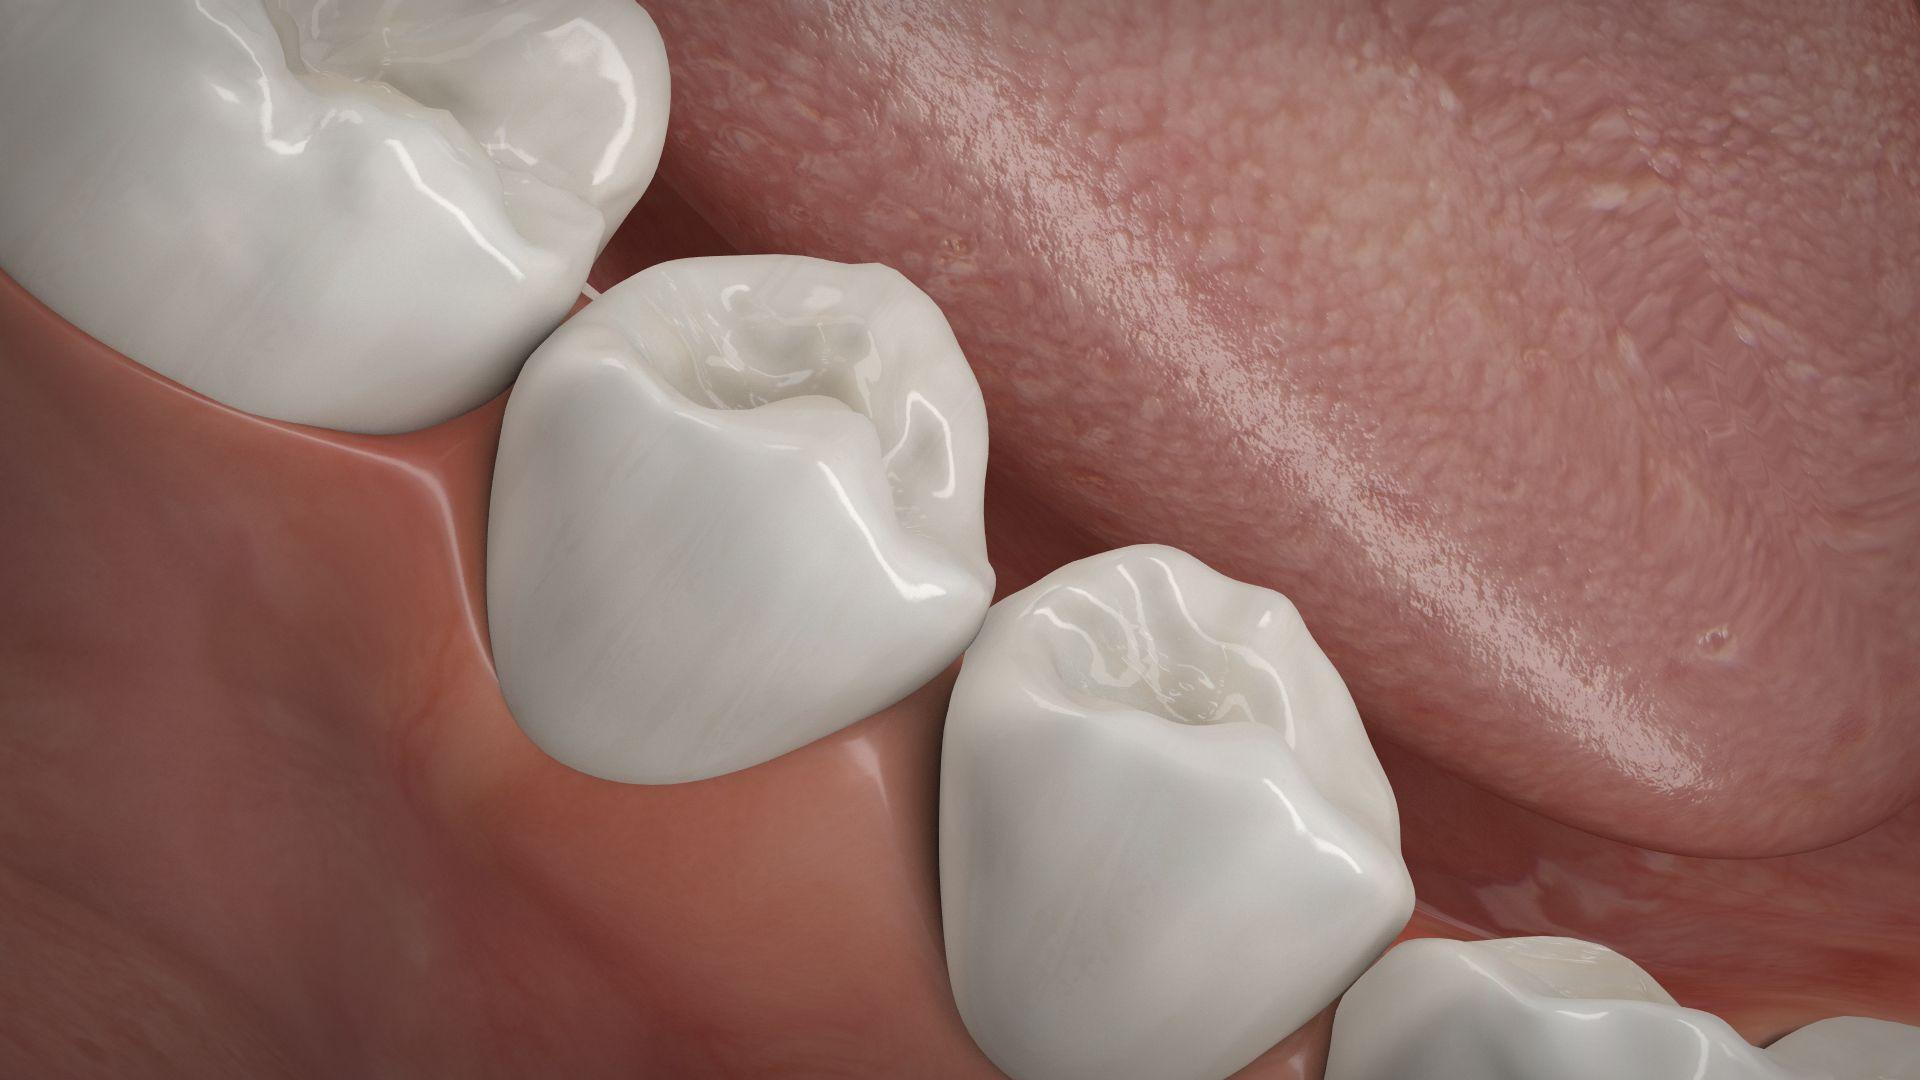 Knochenaufbau Zahnverlust, Dr. Tabatabaie & Kollegen